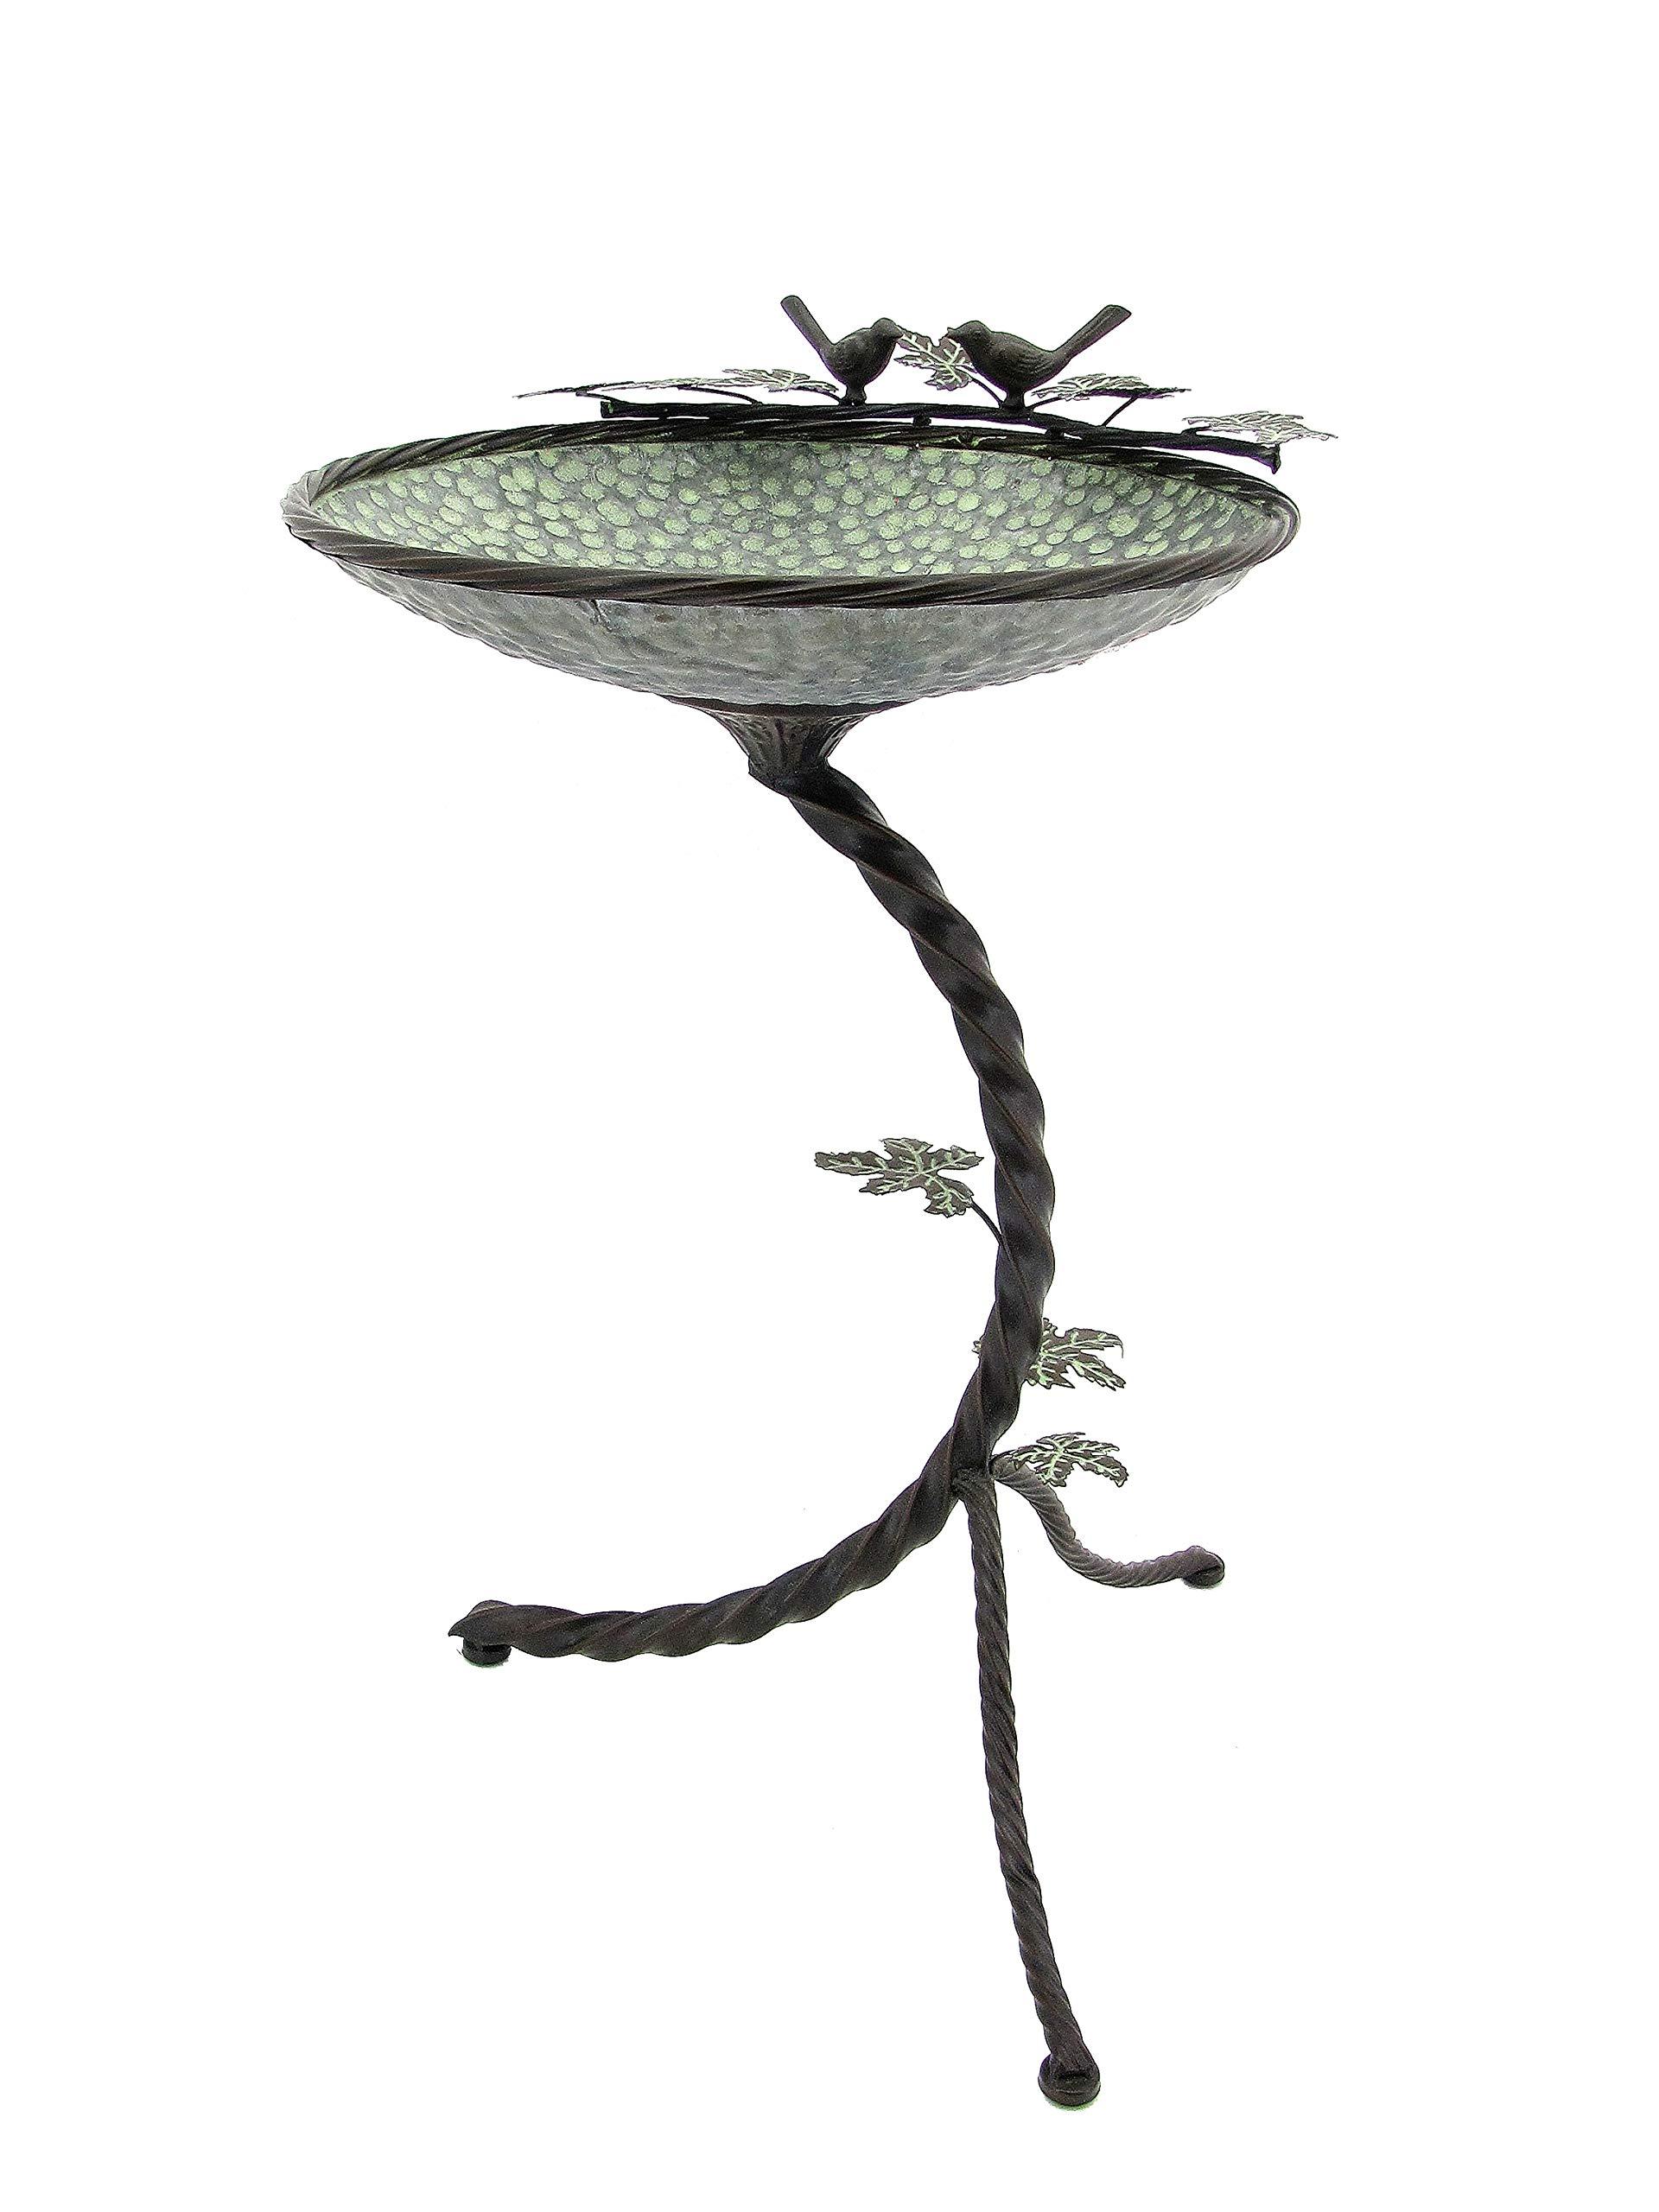 Zaer Ltd. Round Galvanized Birdbath with Branch Stand and Bird Details